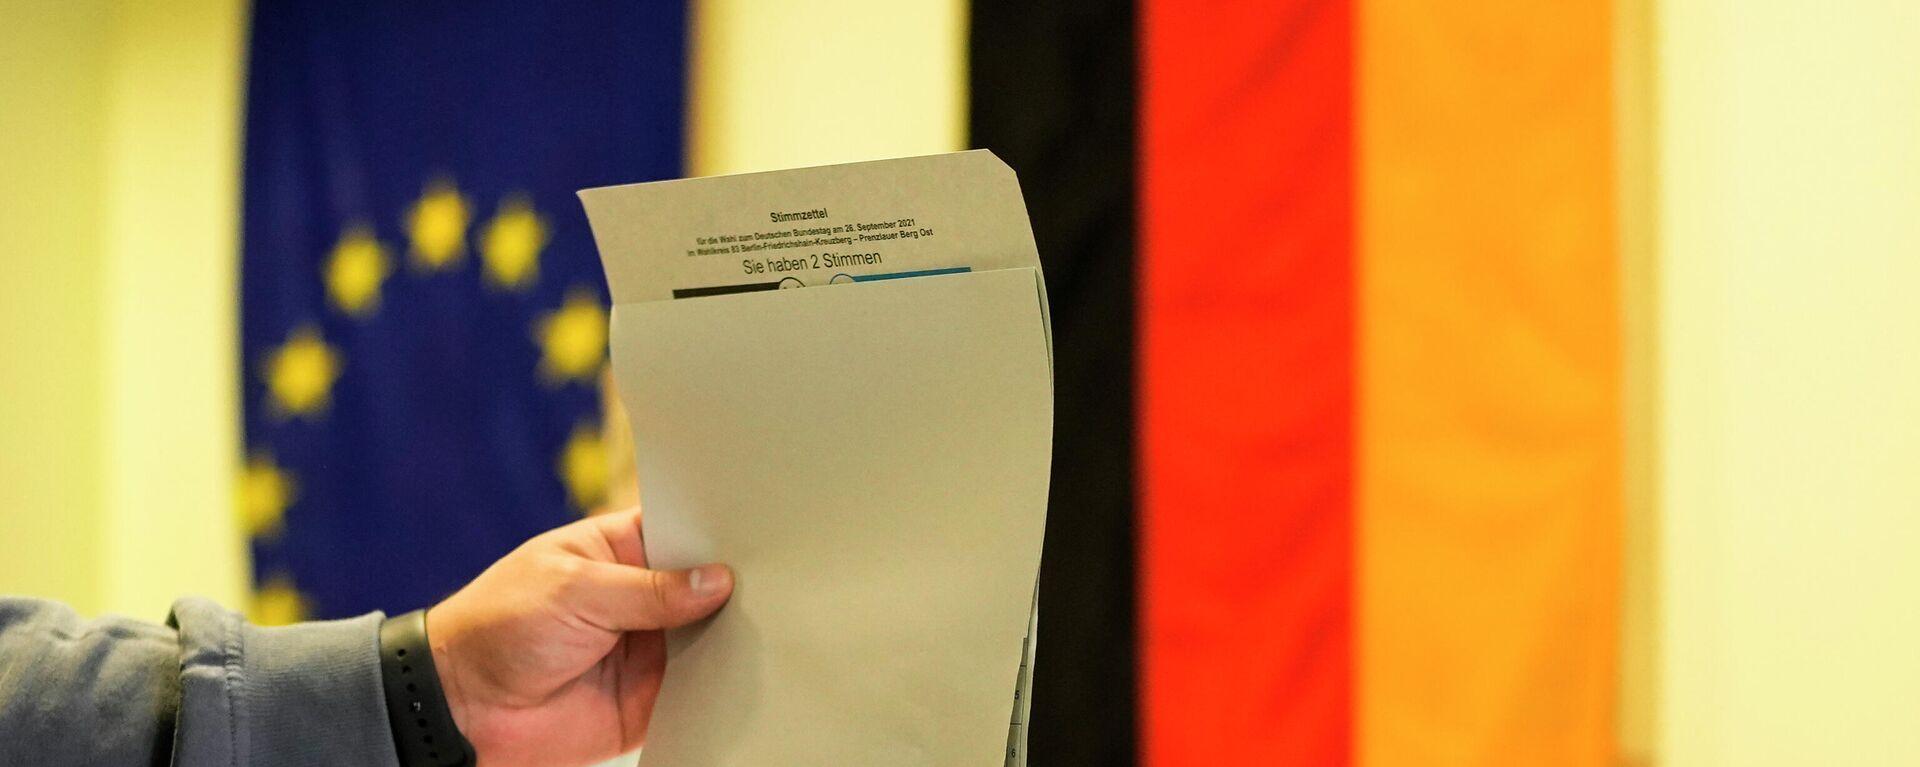 Stimmabgabe bei der Budnestagswahl 2021 - SNA, 1920, 26.09.2021